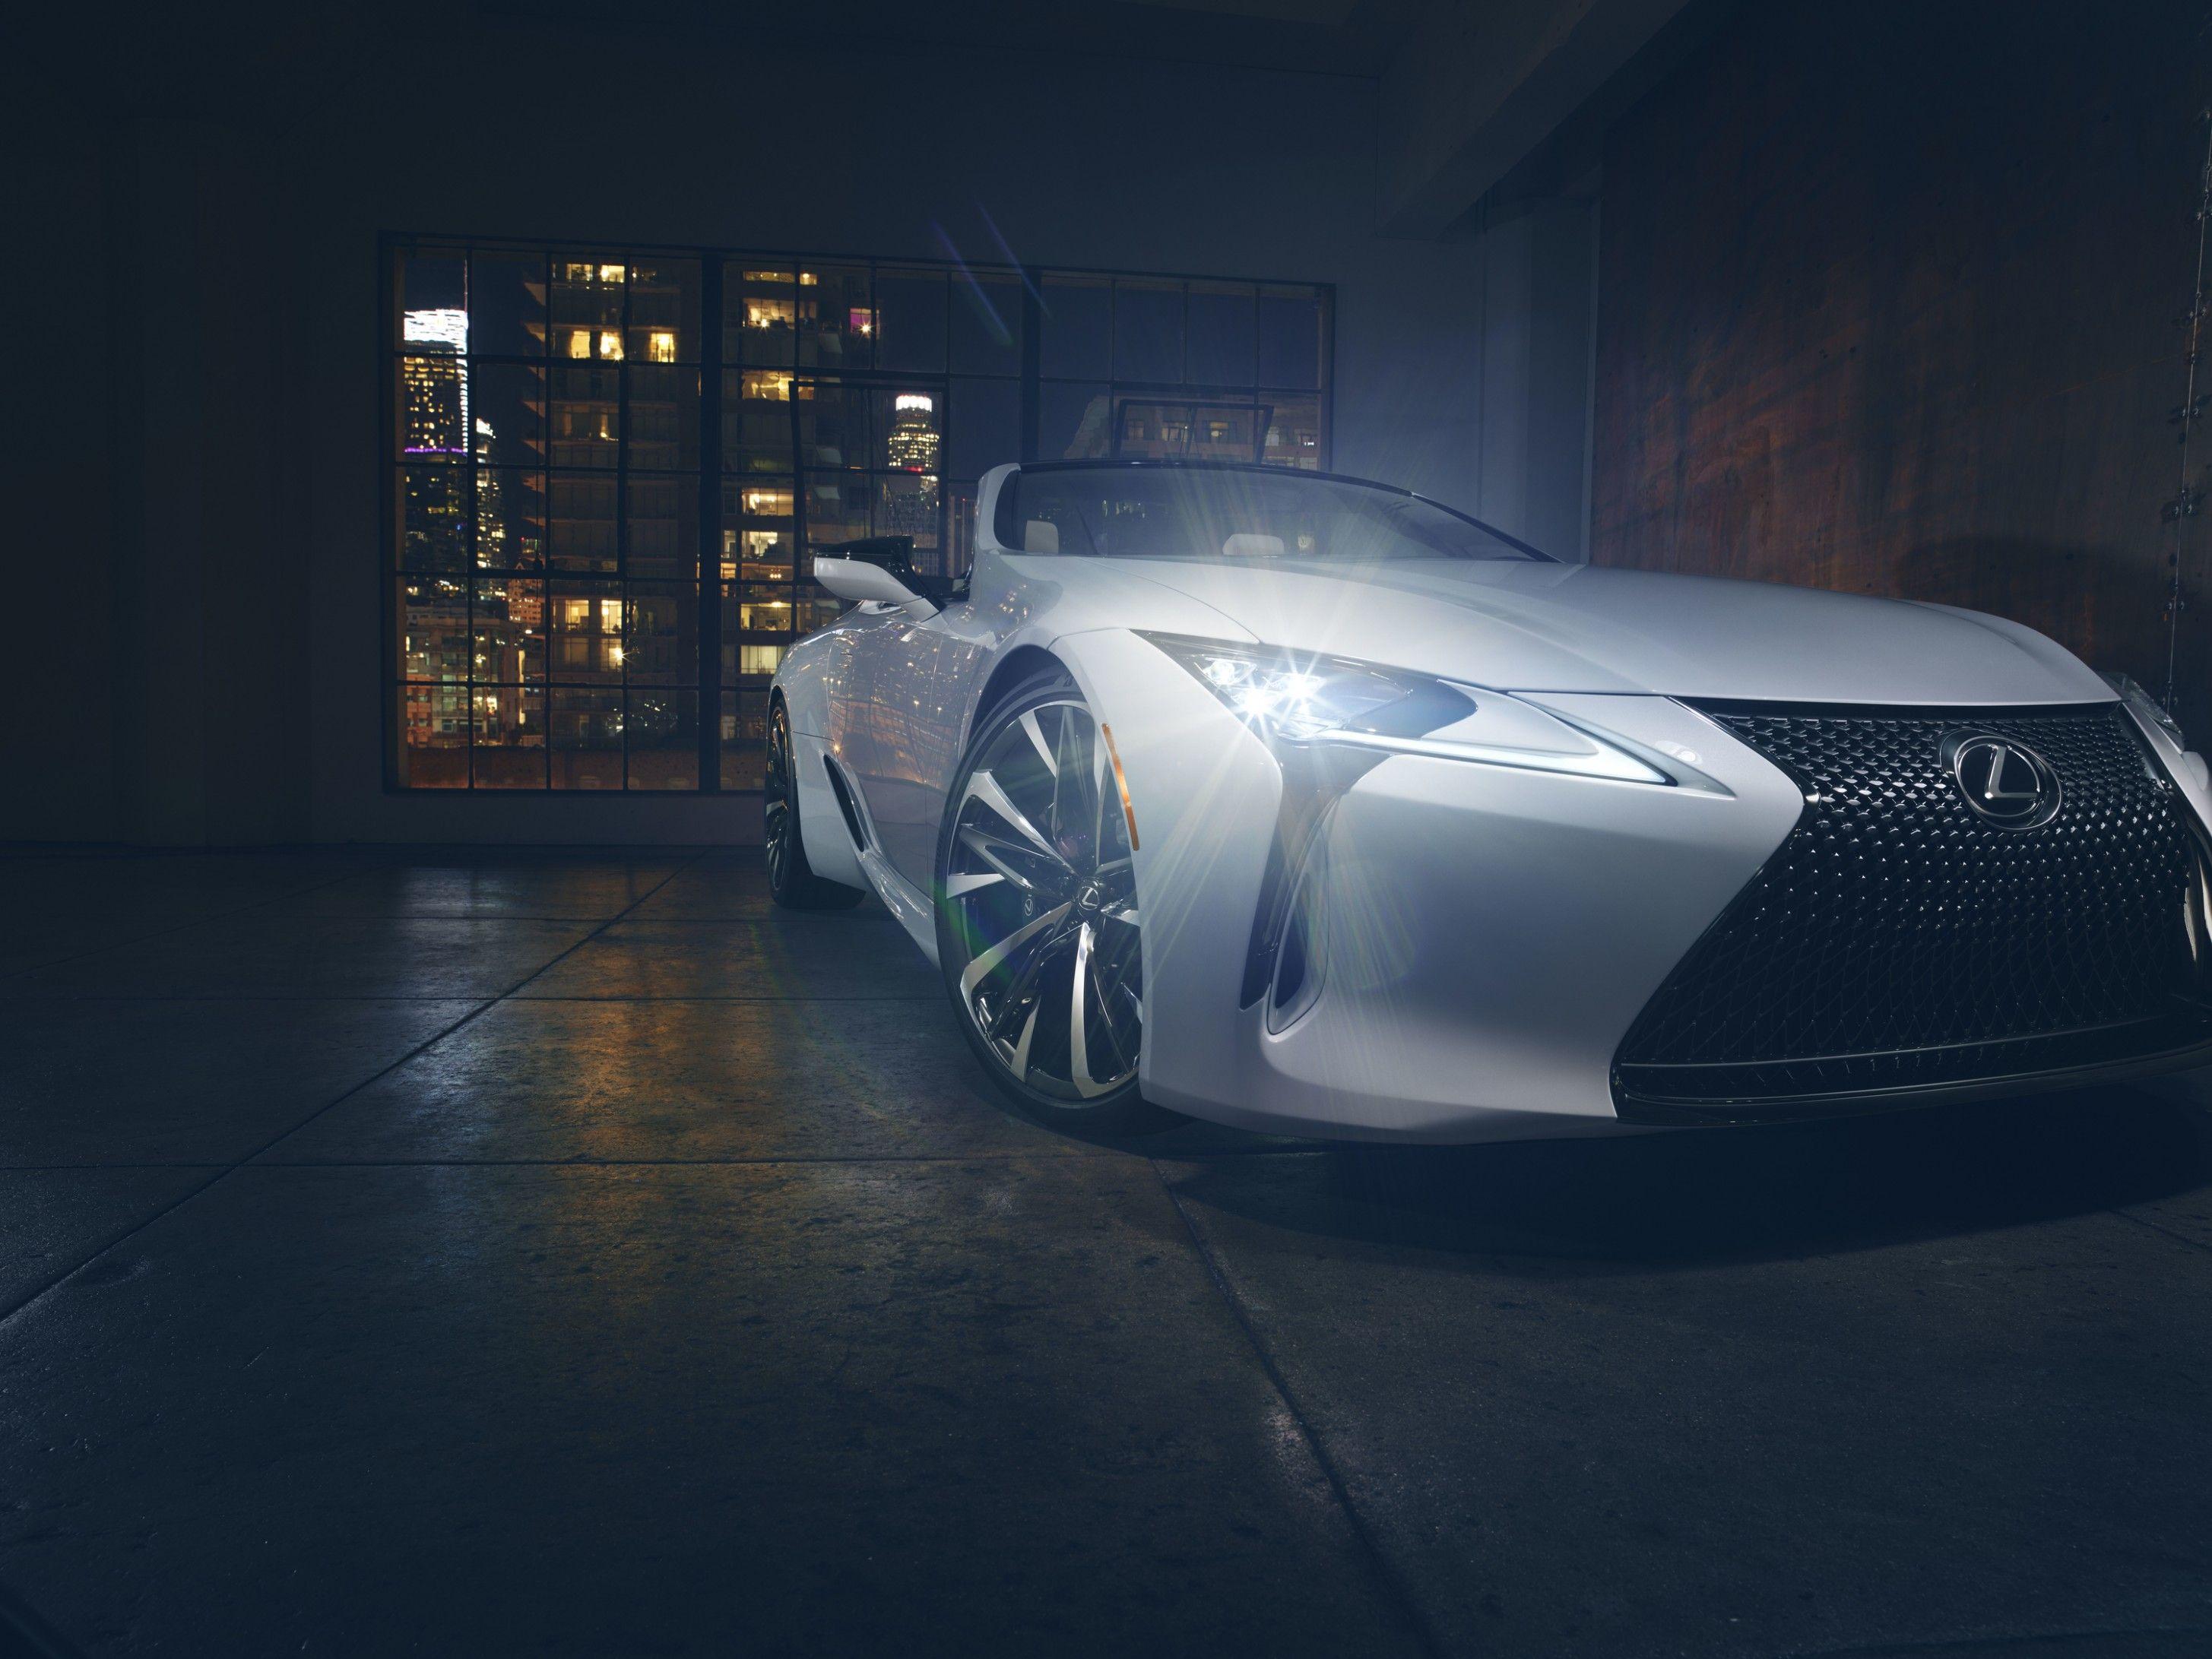 Lexus Design Award 2020 India Ratings Lexus Design Award 2020